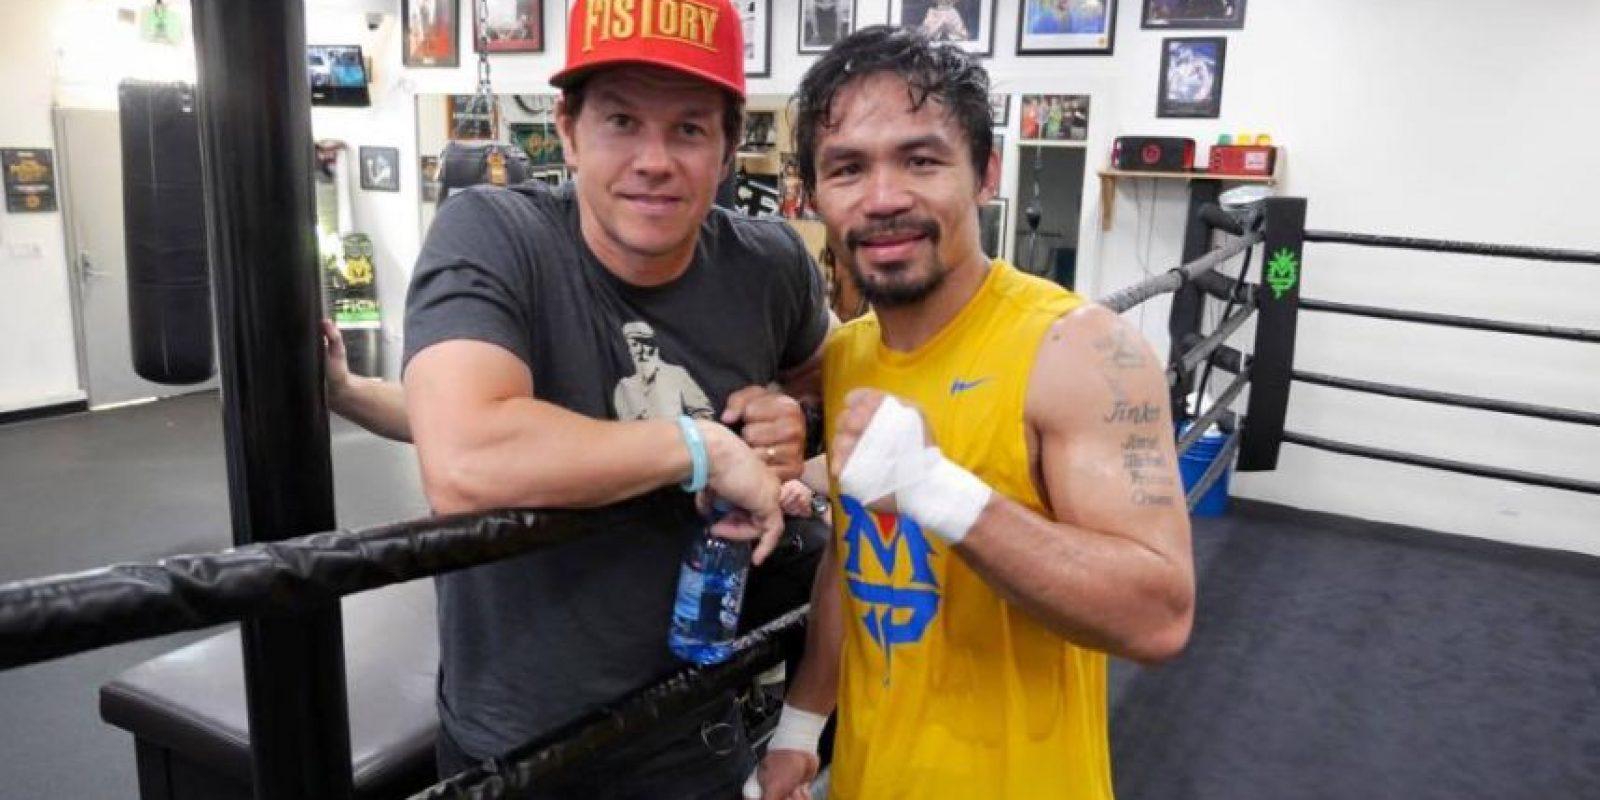 """Walhberg ha demostrado públicamente su apoyo al filipino, e incluso se considera parte del """"Team Pacquiao"""". También estuvo presente en los entrenamientos de """"Pacman"""" en Los Ángeles. Foto:Vía facebook.com/TopRankMannyPacquiao"""